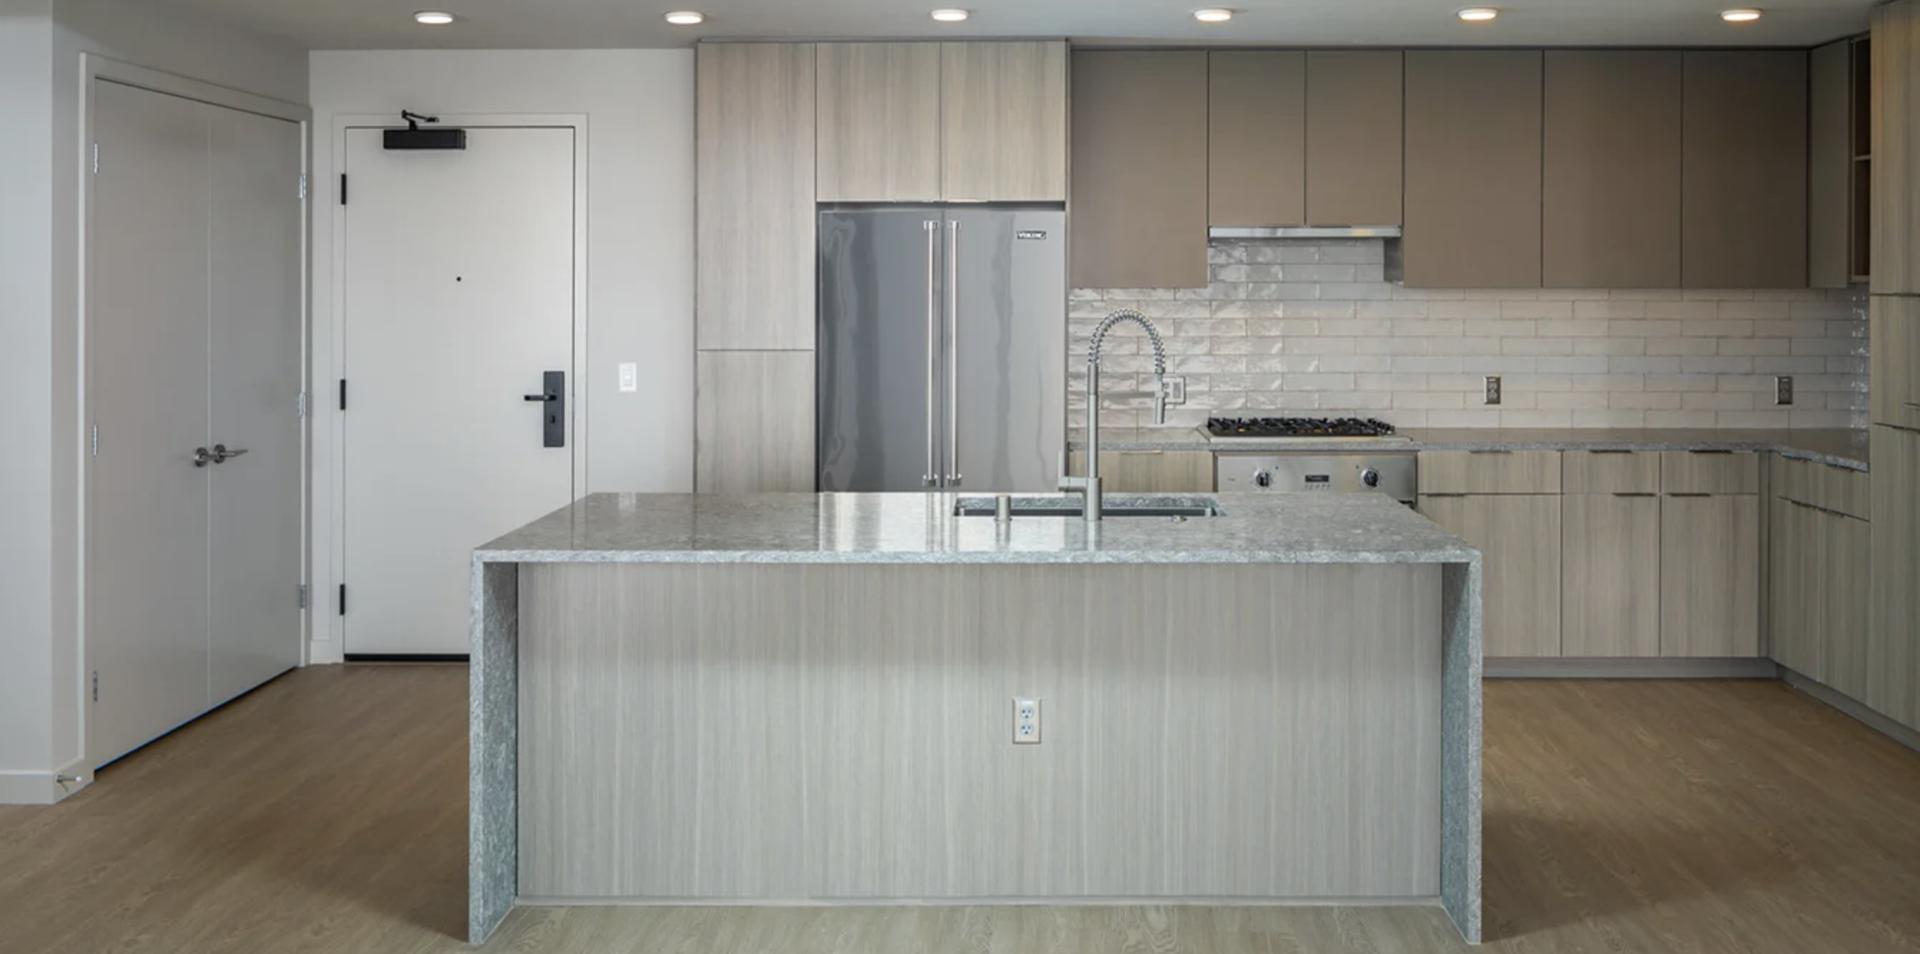 601 11th Avenue #2403, San Diego, CA - $4,825 USD/ month